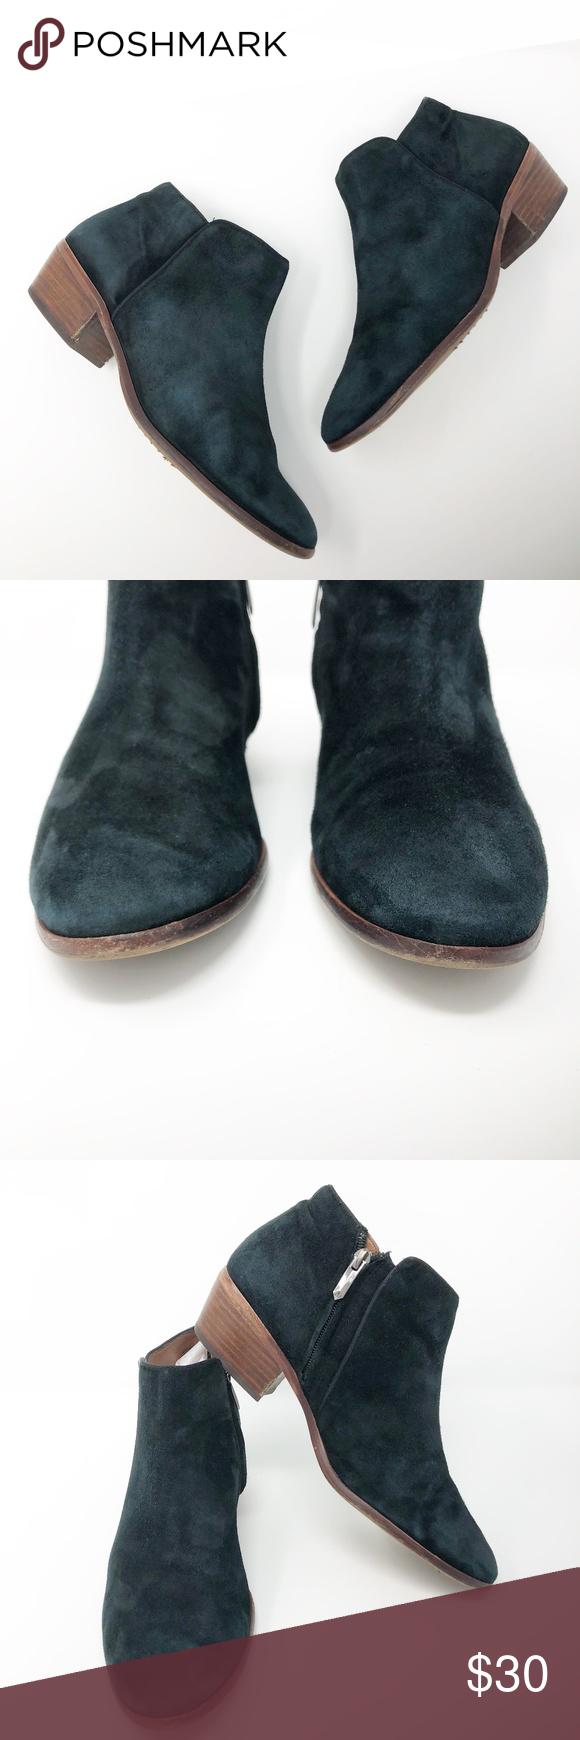 98273b69362d  Sam Edelman  Black Suede Petty Ankle Boots Sam Edelman Size 9.5 M Black  Suede